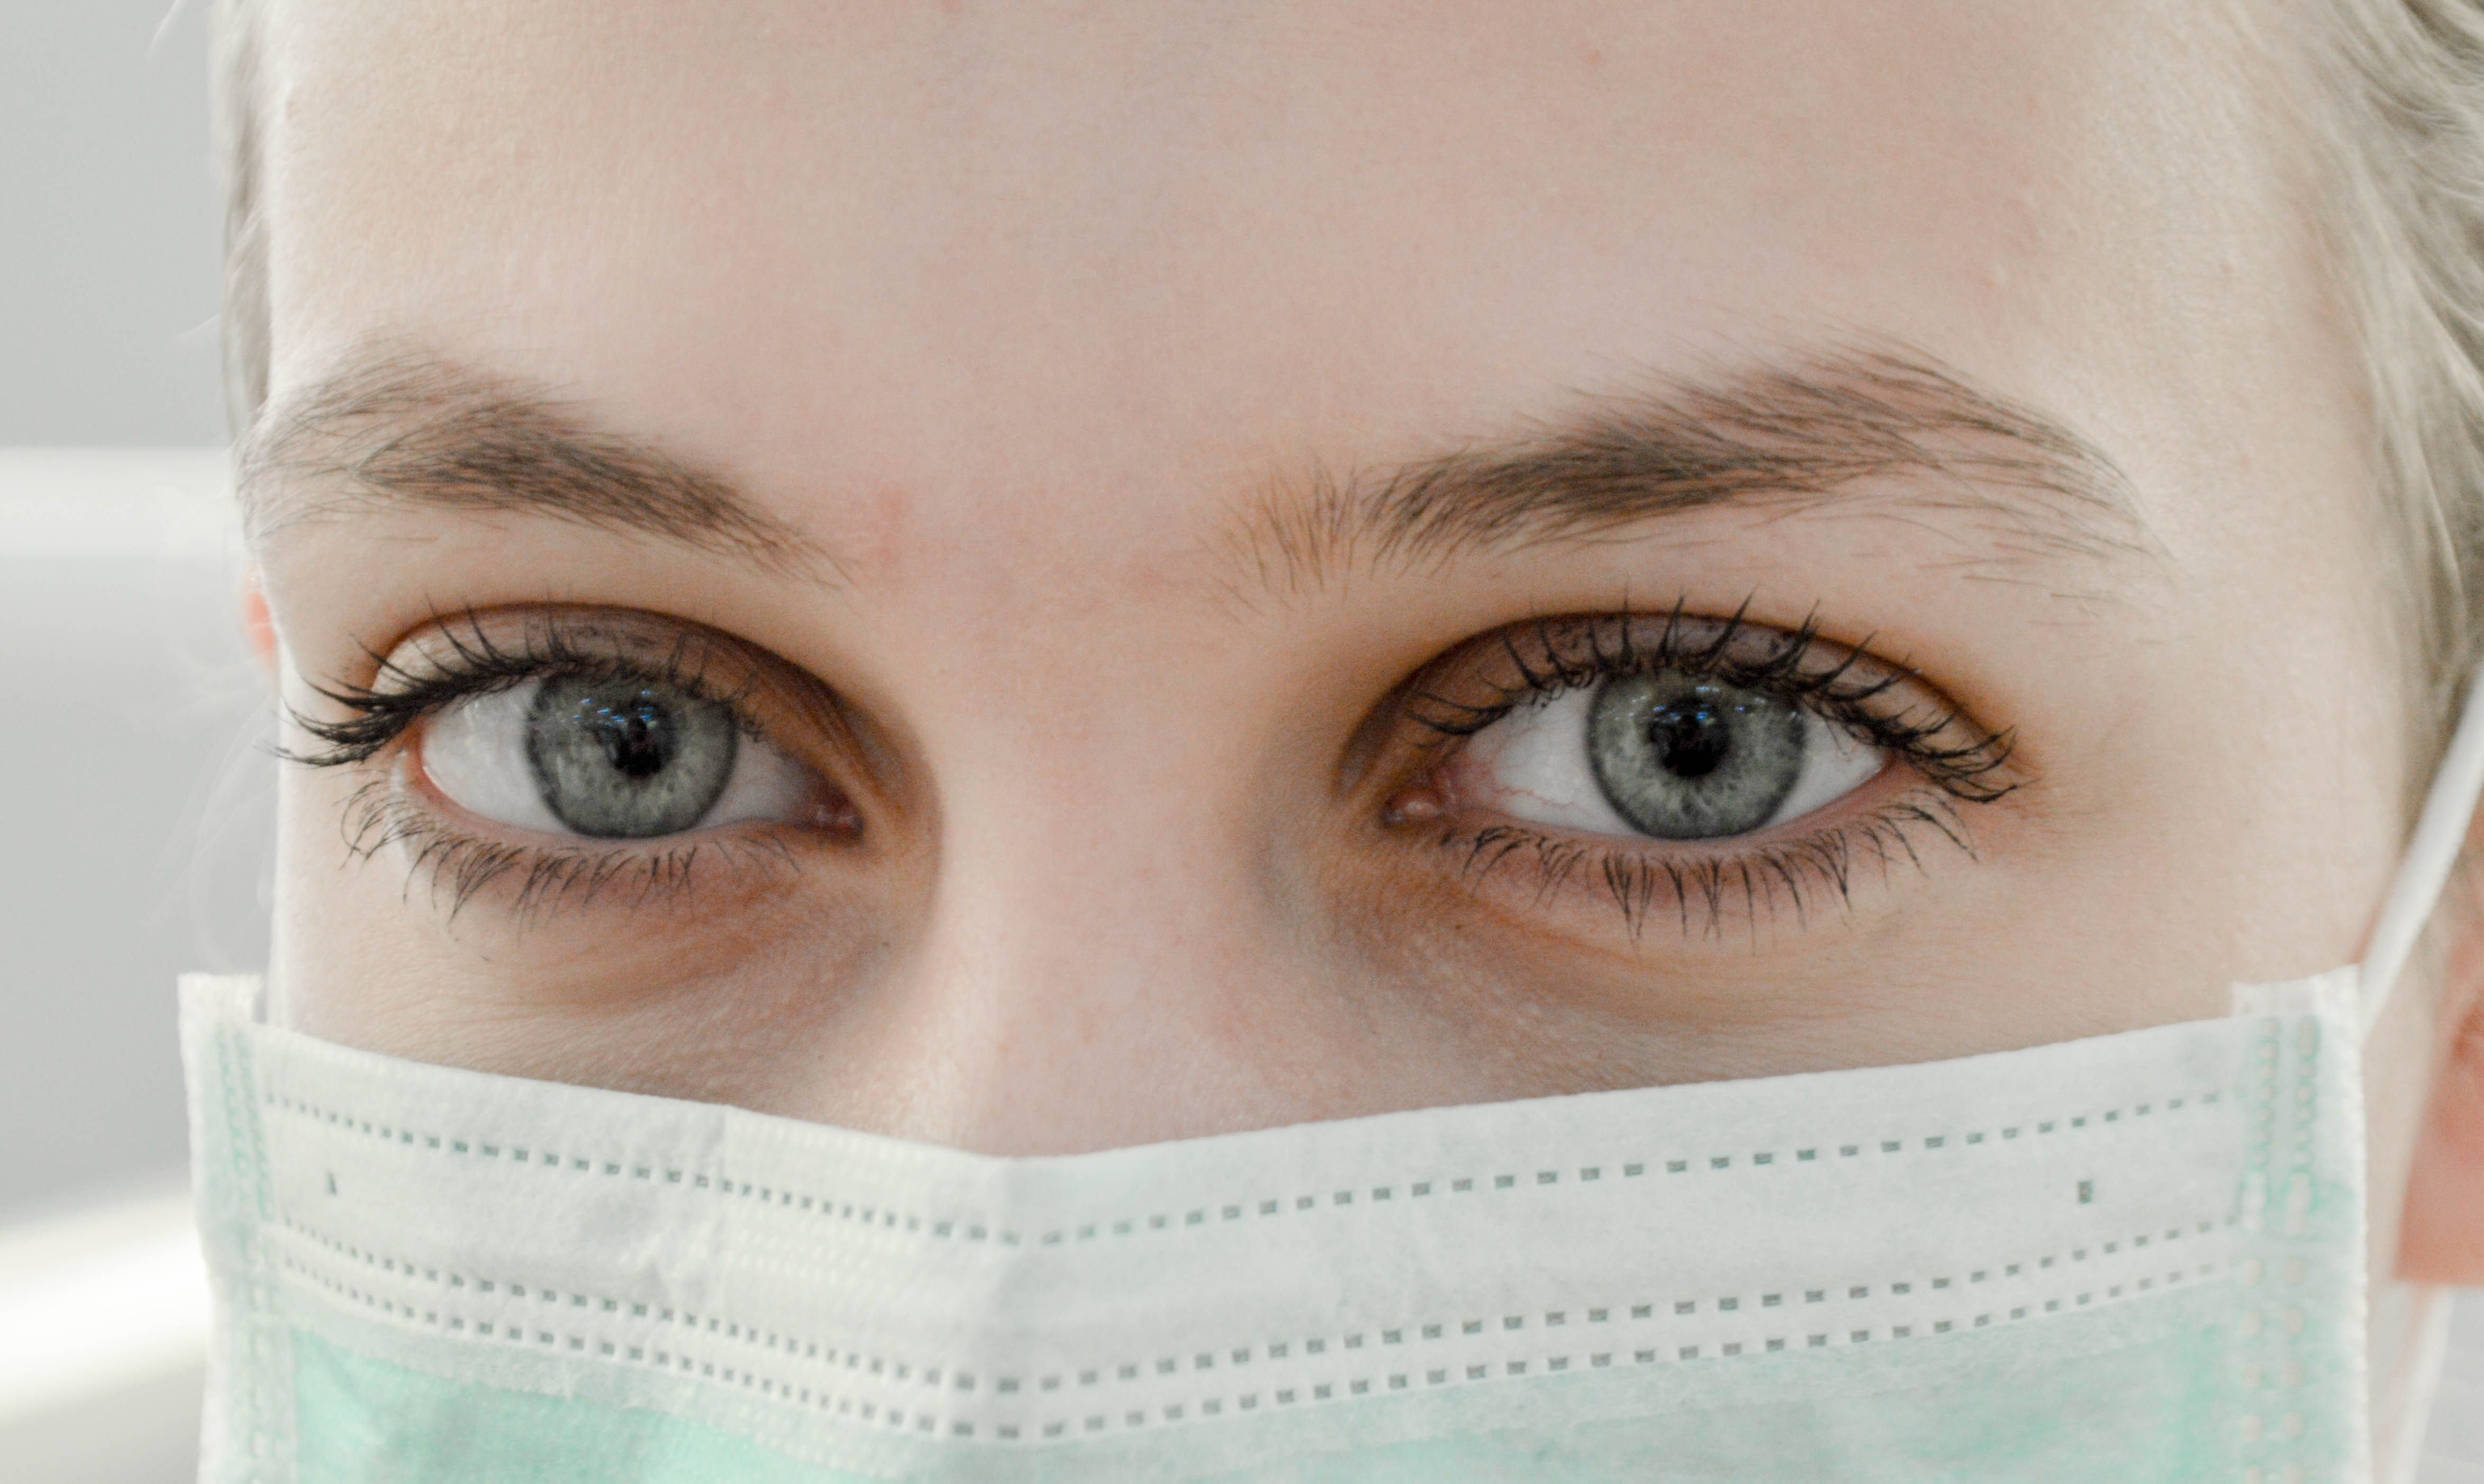 COVID-19: lo studio dentistico Ronca è a disposizione per le emergenze e urgenze: Rivolgiti a noi con sicurezza e serenità